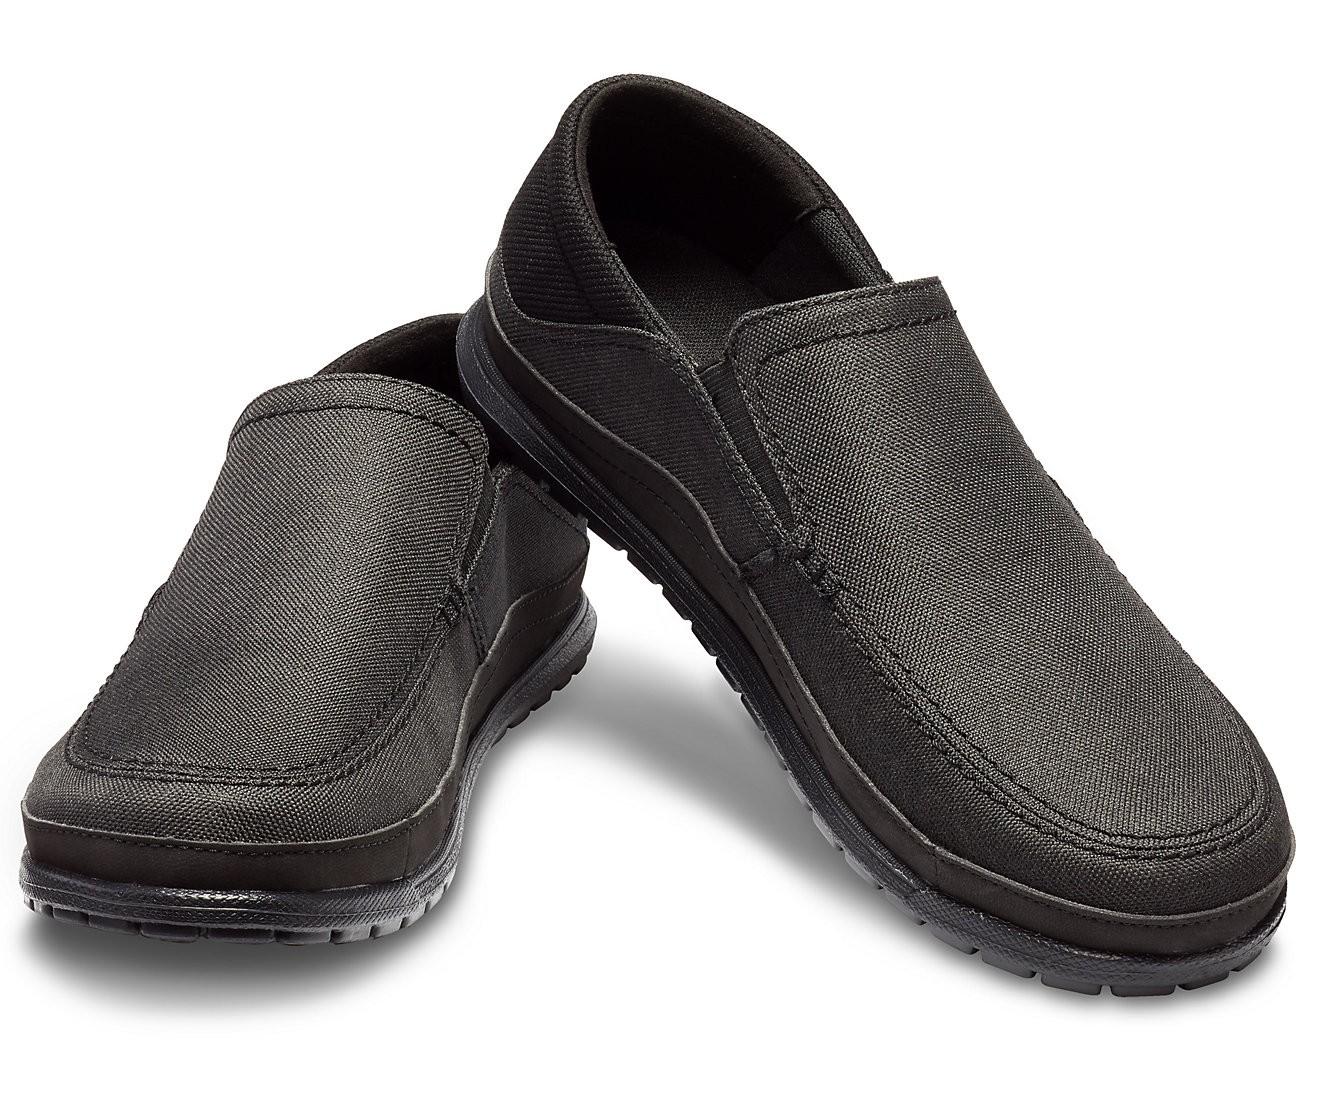 Sapato Crocs Santa Cruz Playa Slip-On